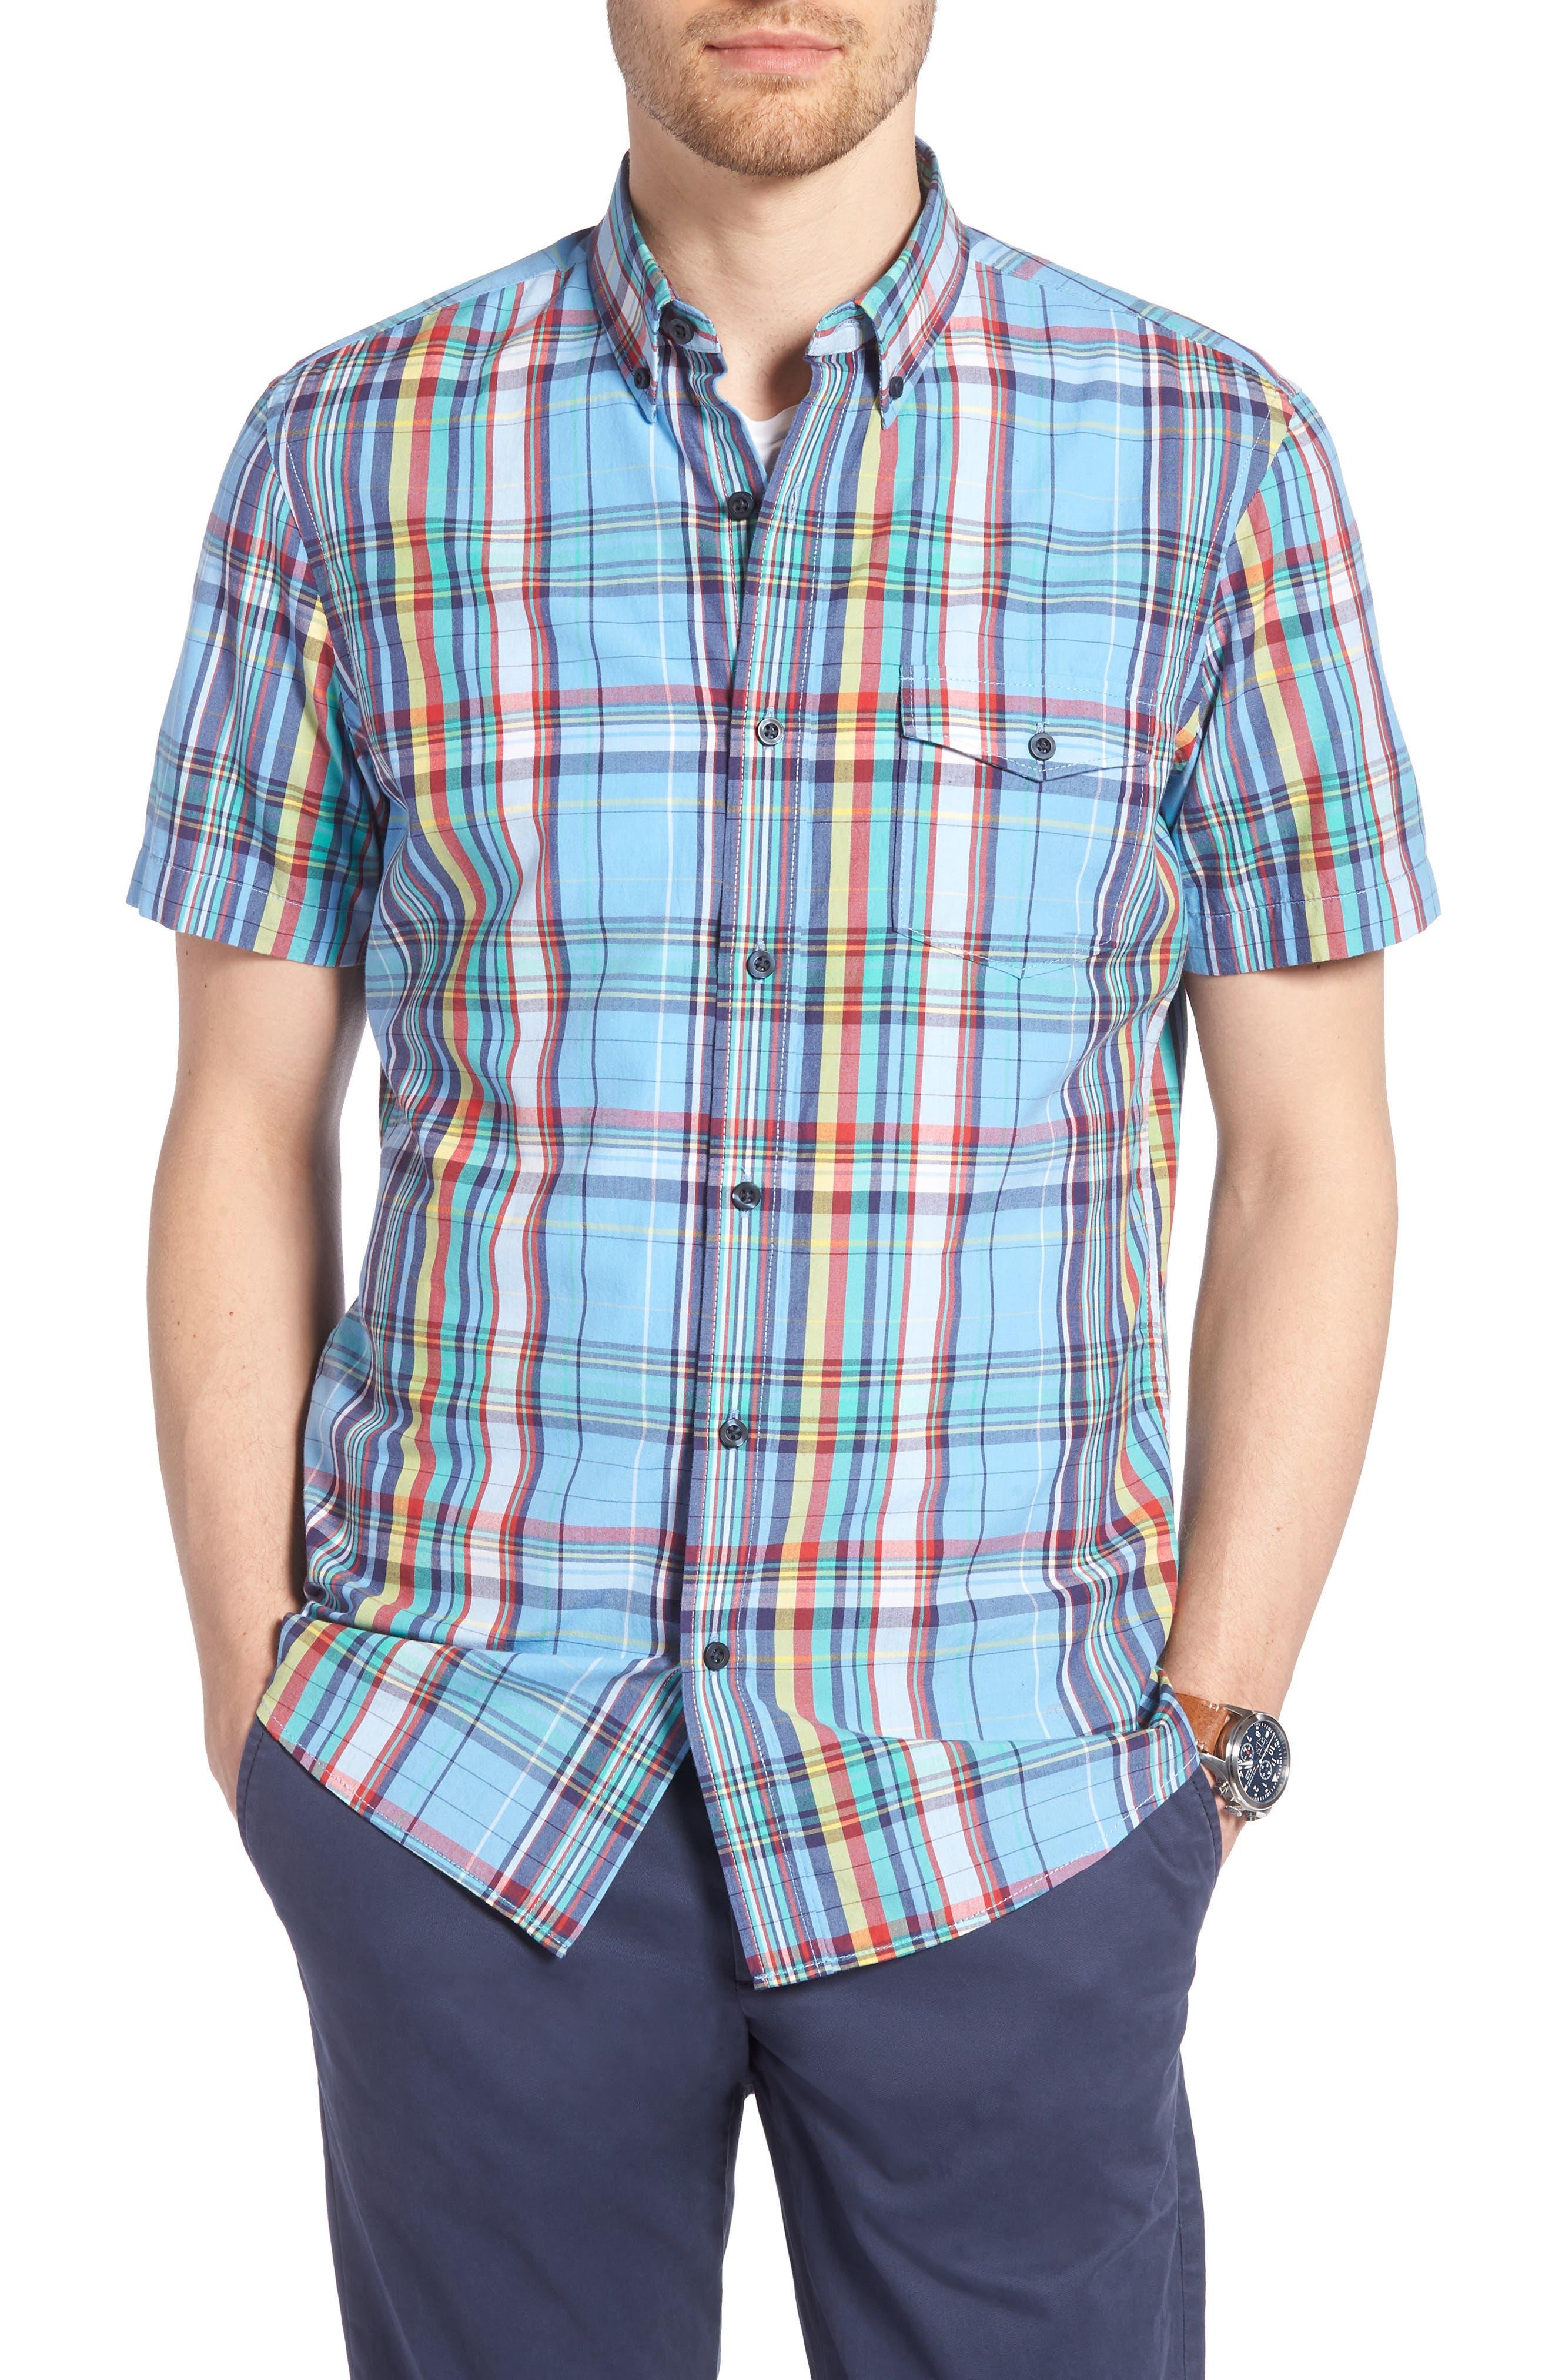 Ivy Trim Fit Madras Plaid Sport Shirt,                         Main,                         color, Blue Chambray Multi Plaid